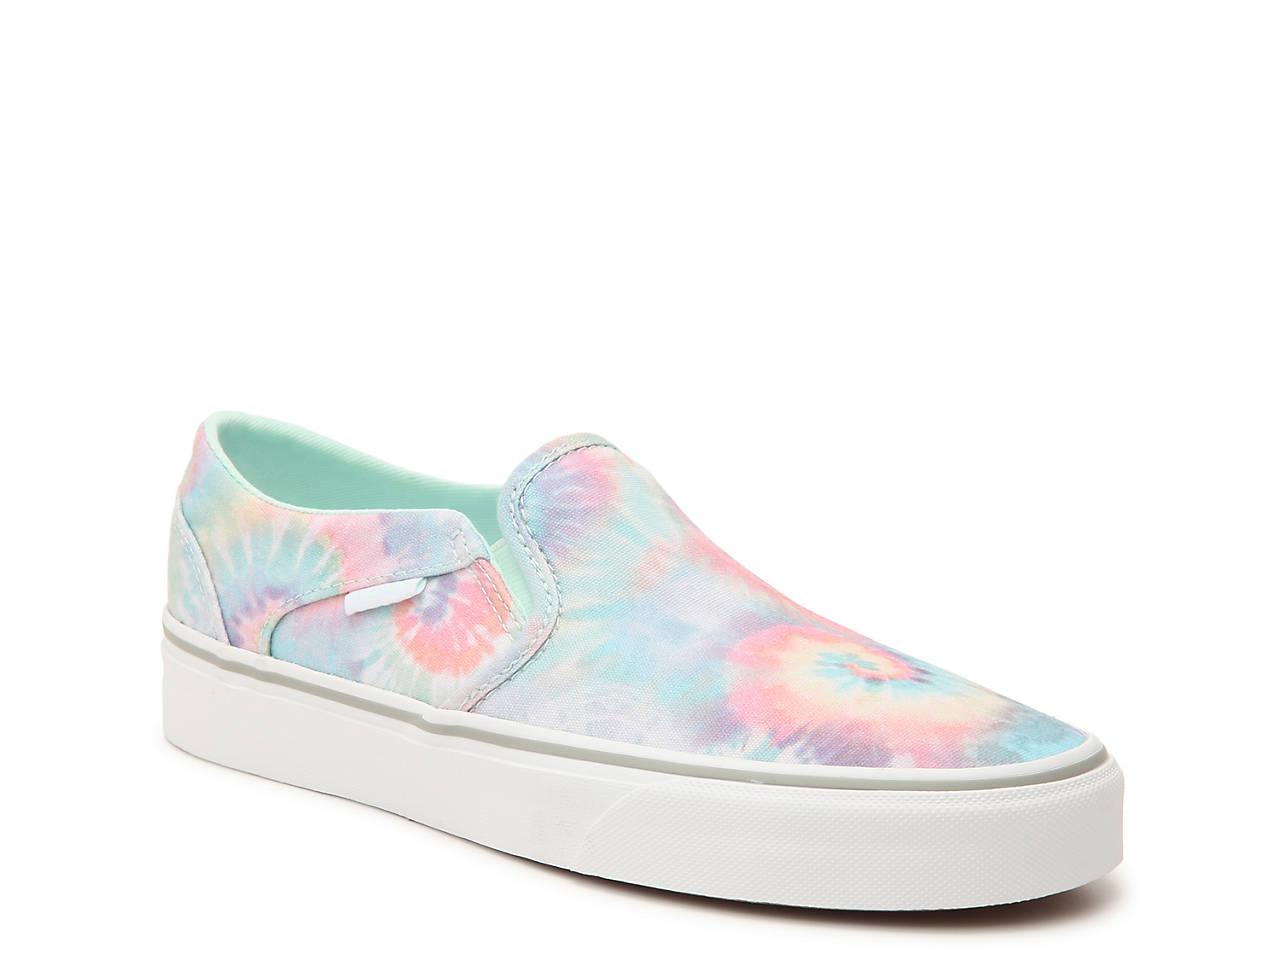 6595e955757 Vans Asher Tie Dye Slip-On Sneaker - Women s Women s Shoes